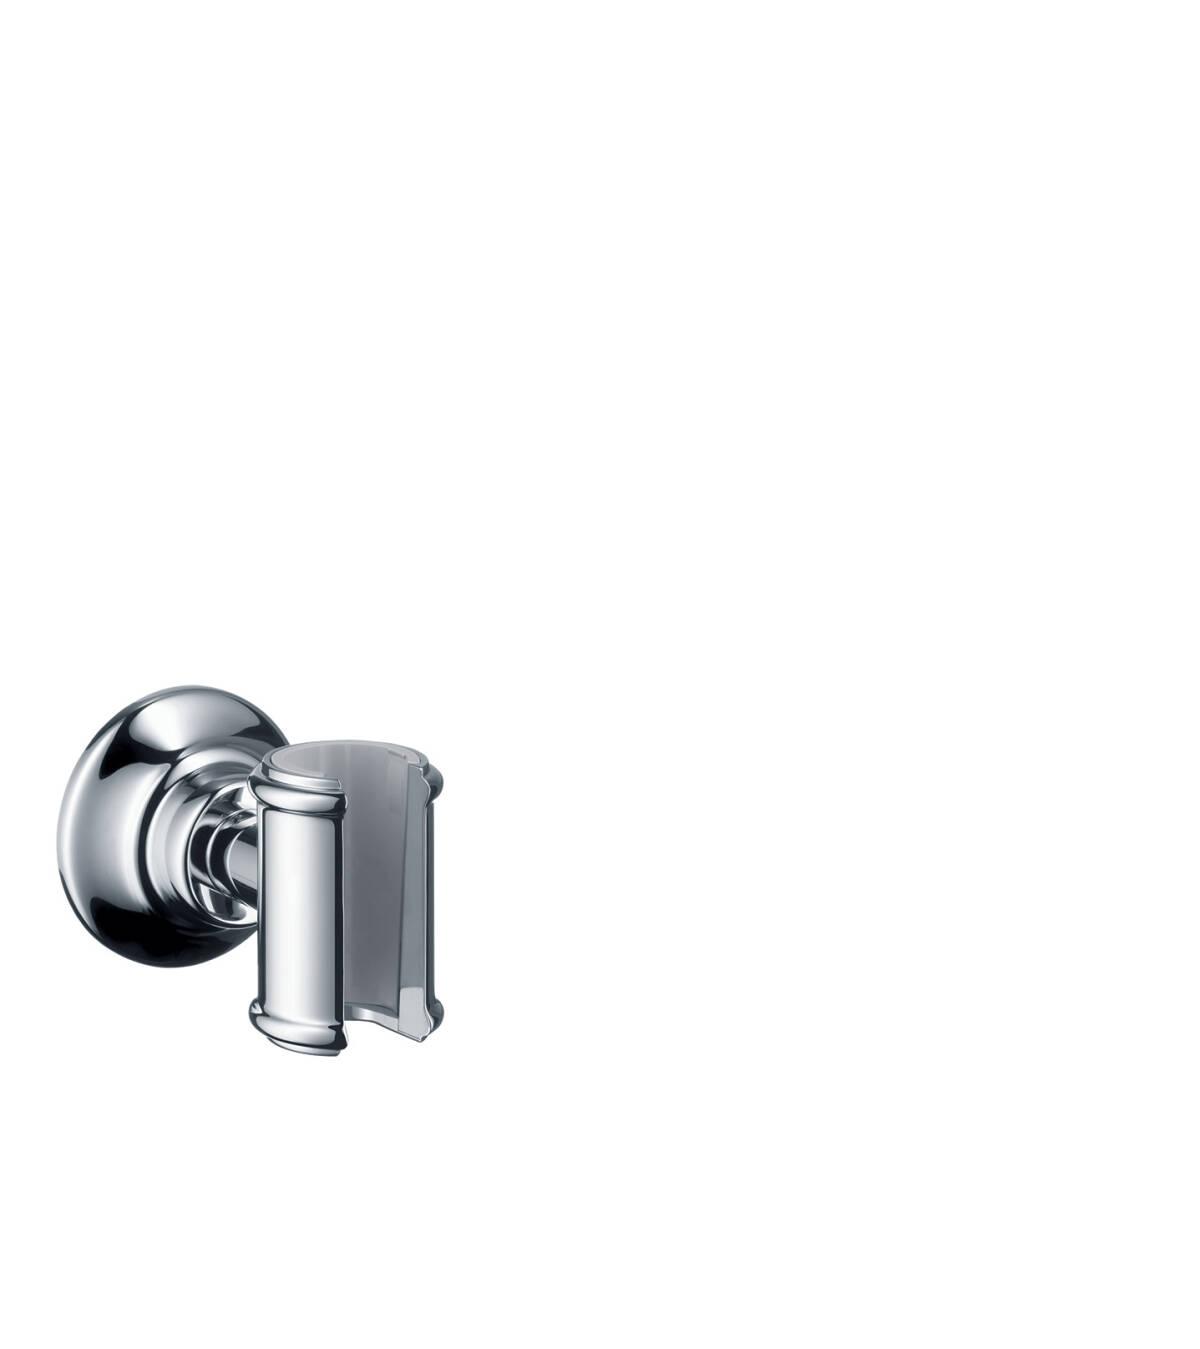 Shower holder, Chrome, 16325000